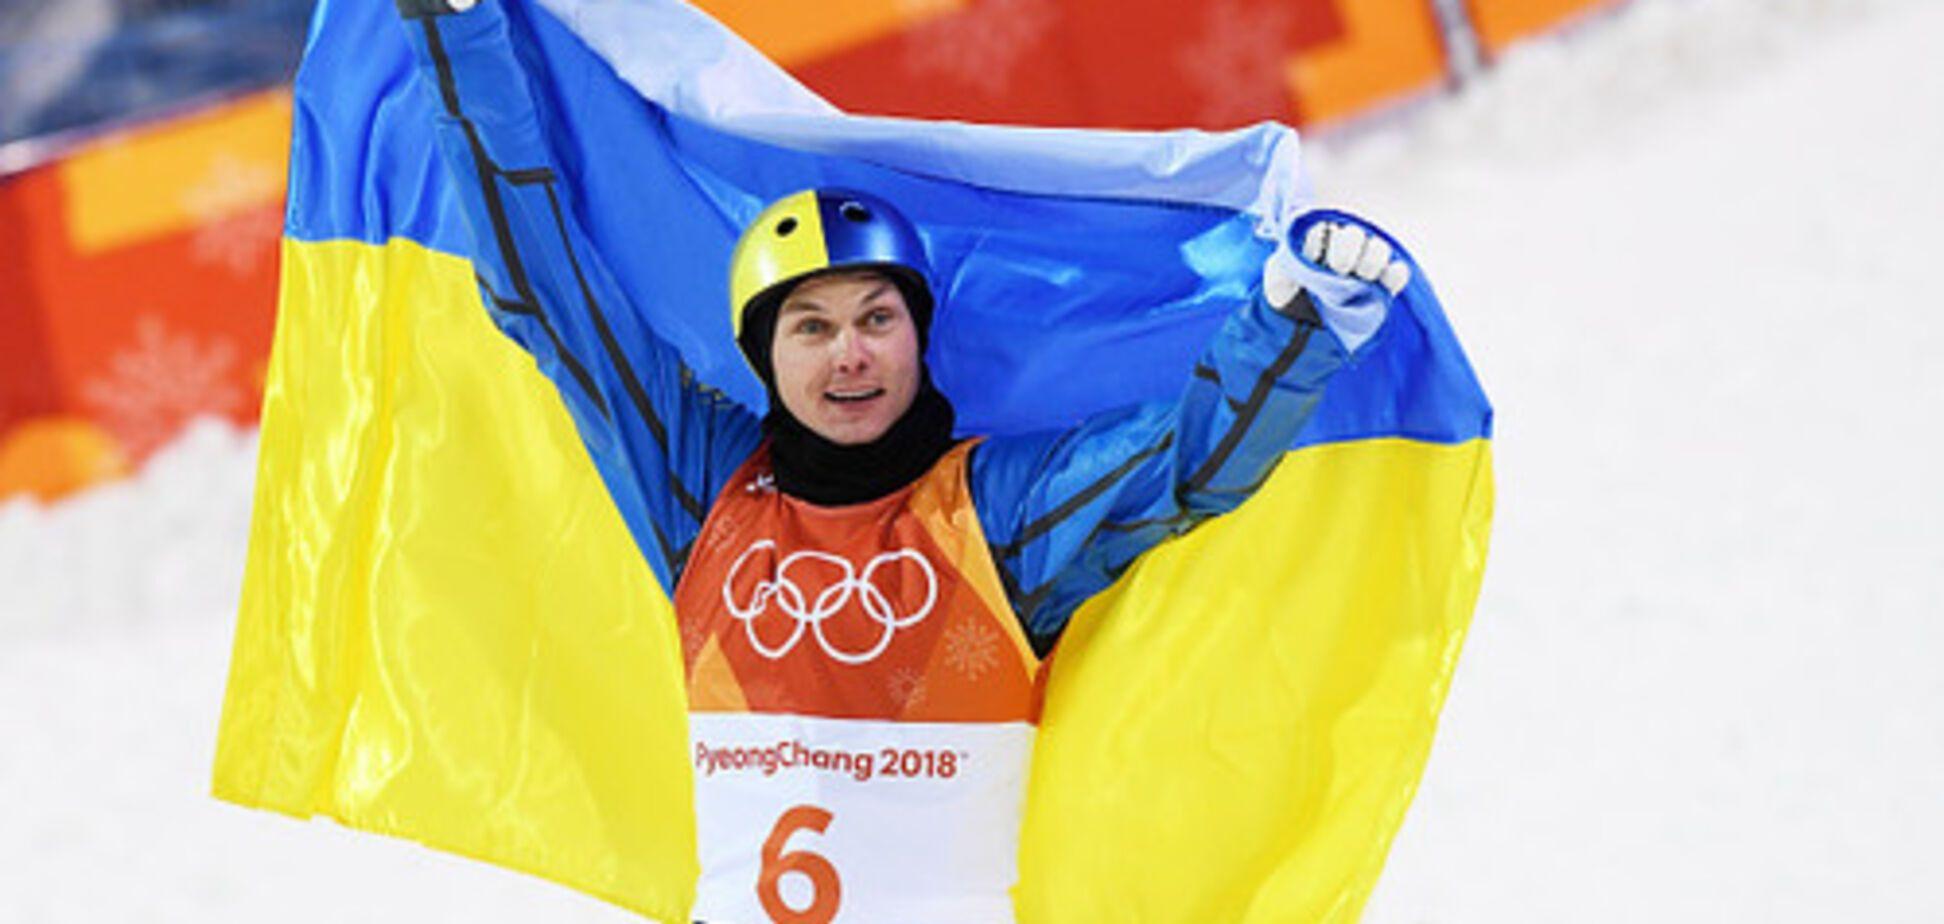 Мечта сбылась: стало известно, что получил украинский олимпийский чемпион за 'золото' Пхенчхана